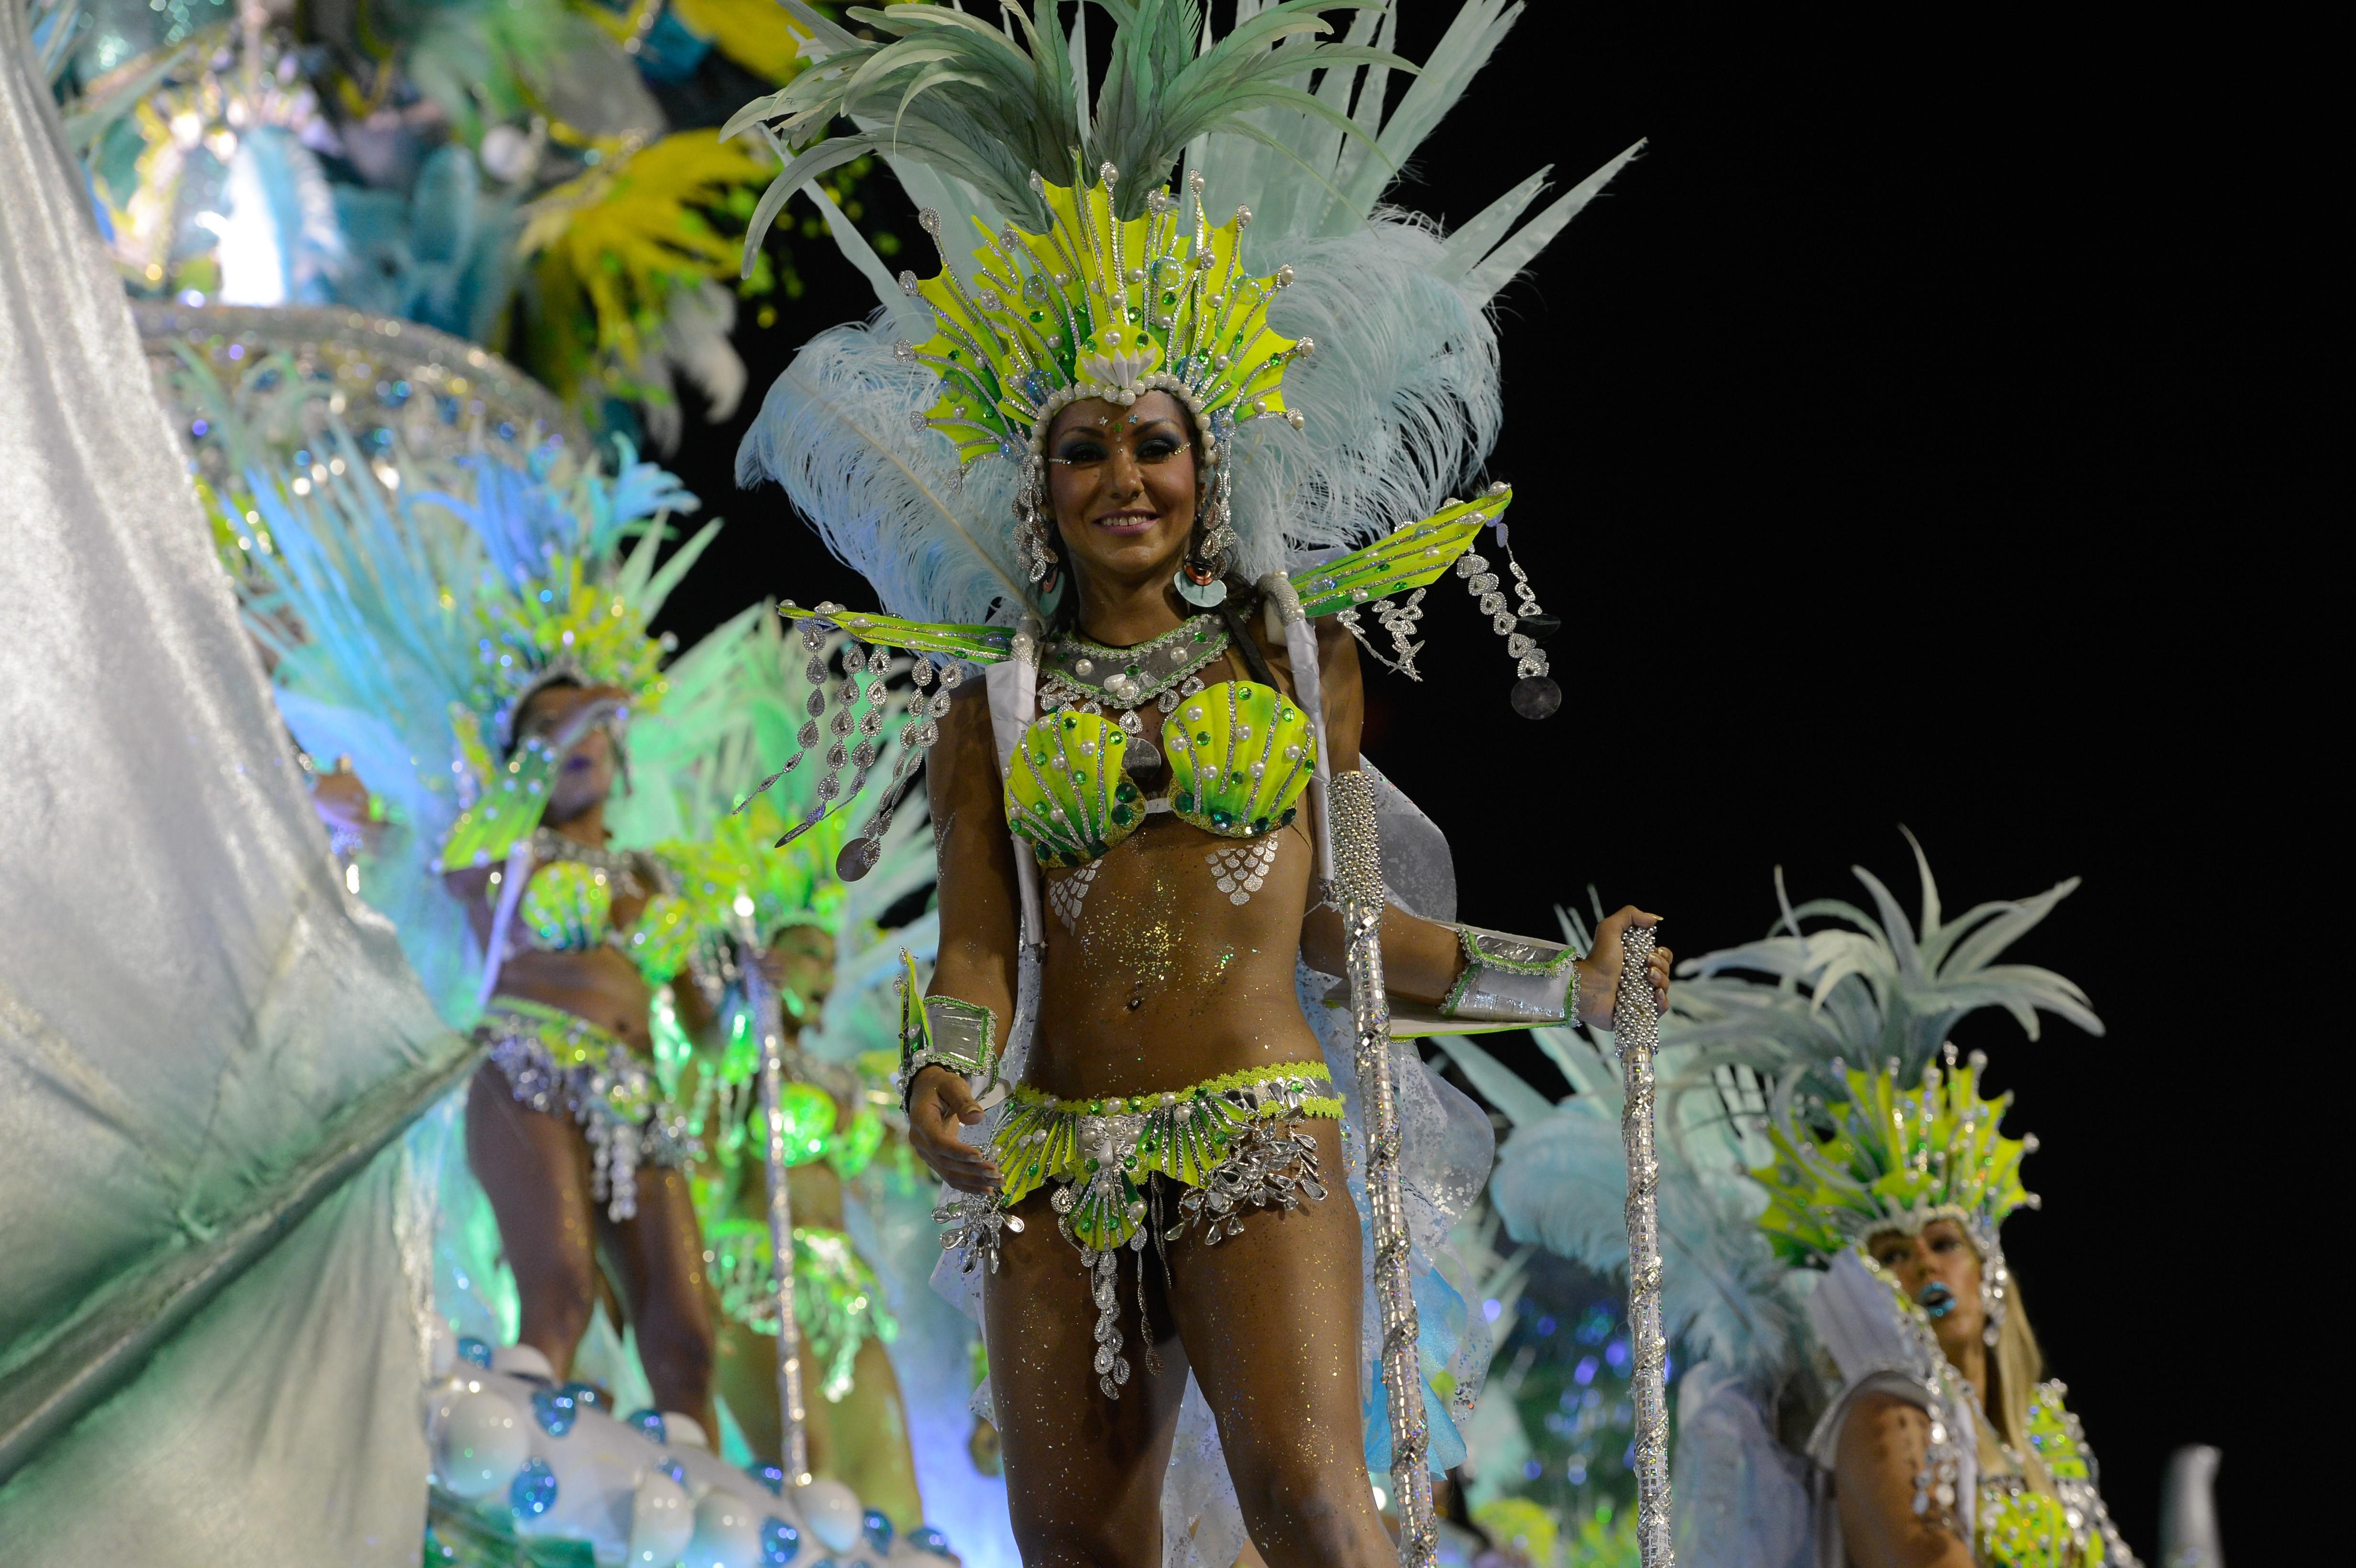 Calendario 2019 Brasil Carnaval Más Populares Carnaval De 2018 Será De 9 A 14 De Fevereiro Saiba O A Data é Of Calendario 2019 Brasil Carnaval Mejores Y Más Novedosos Arte Para Calendario